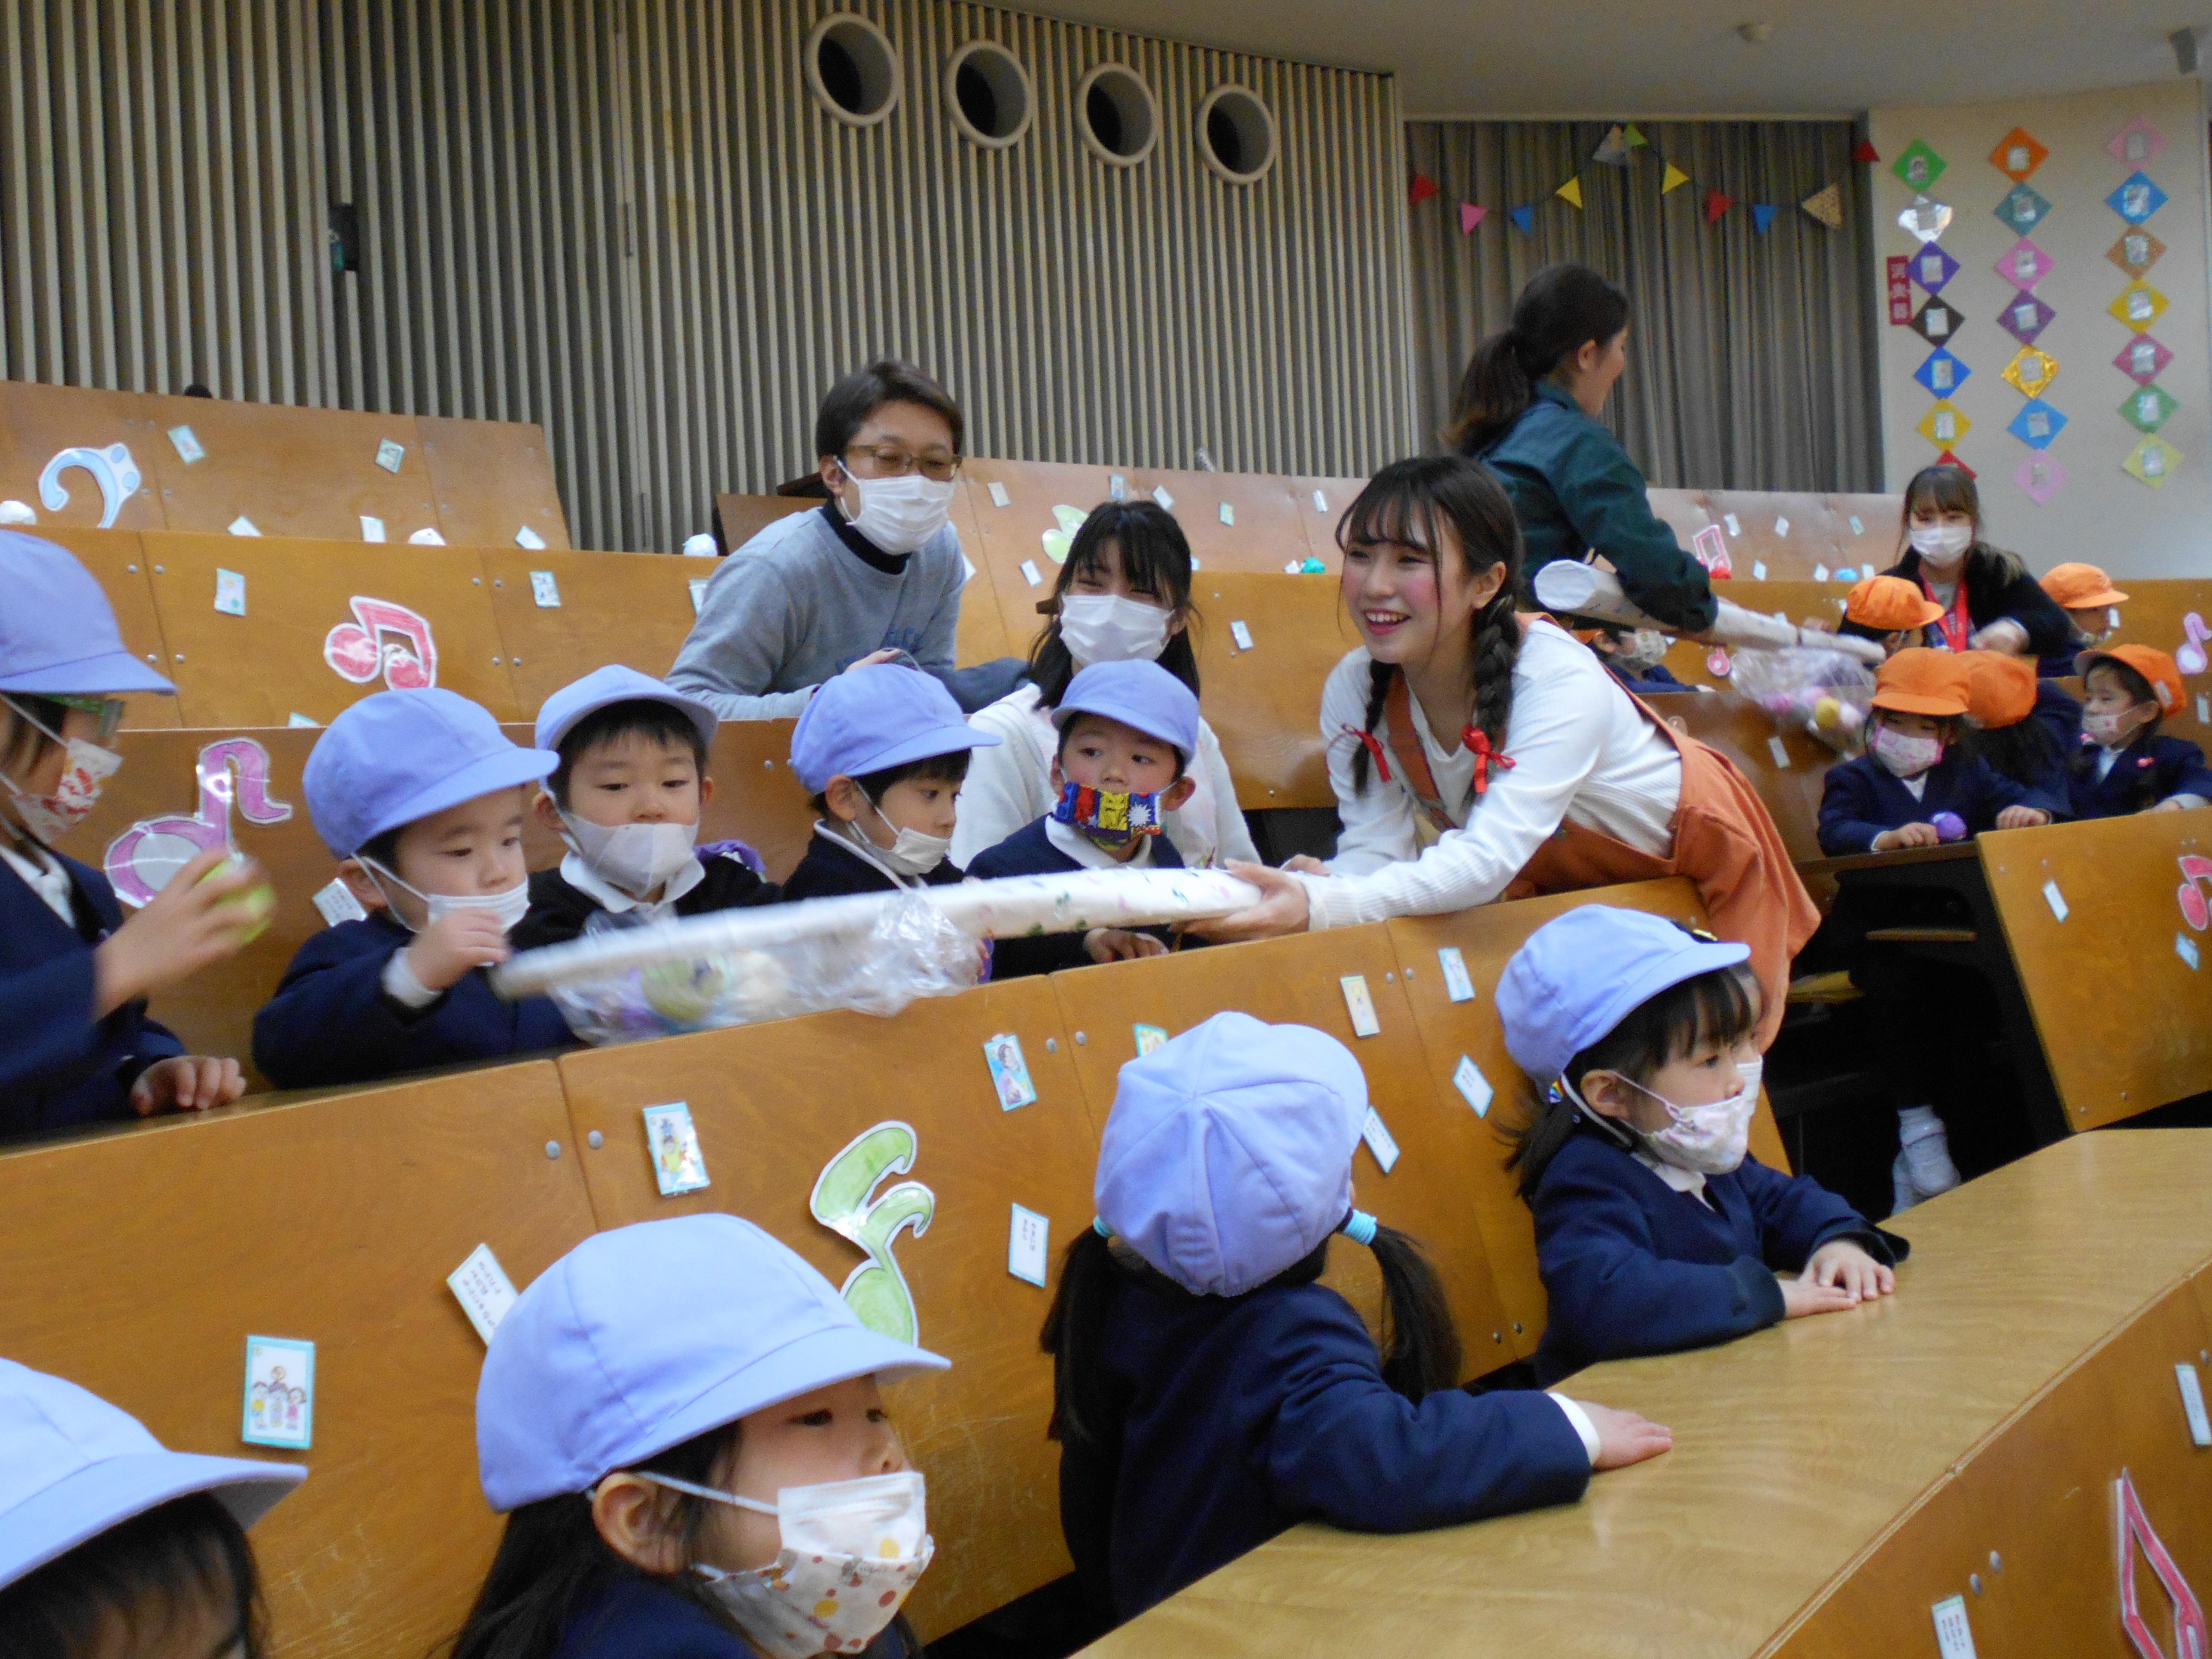 幼児教育祭のリハーサルを見に行ってきました☆:画像1